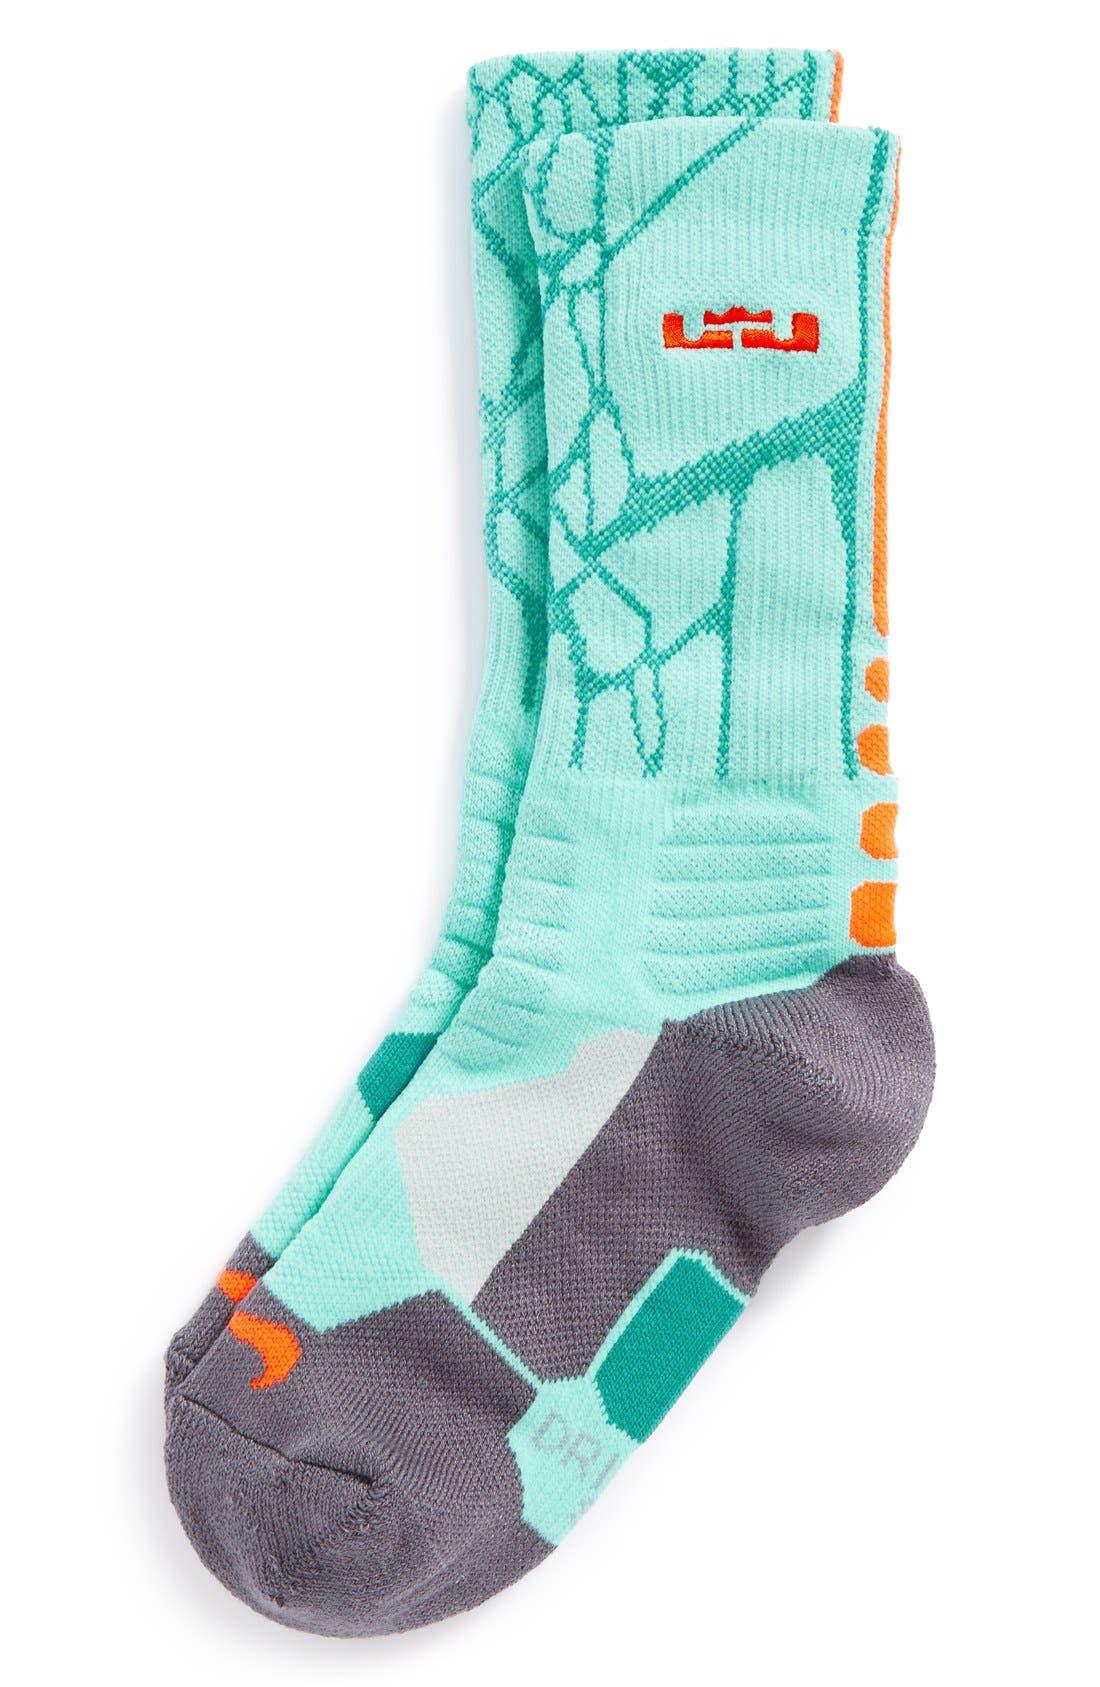 Lebron hyper elite socks